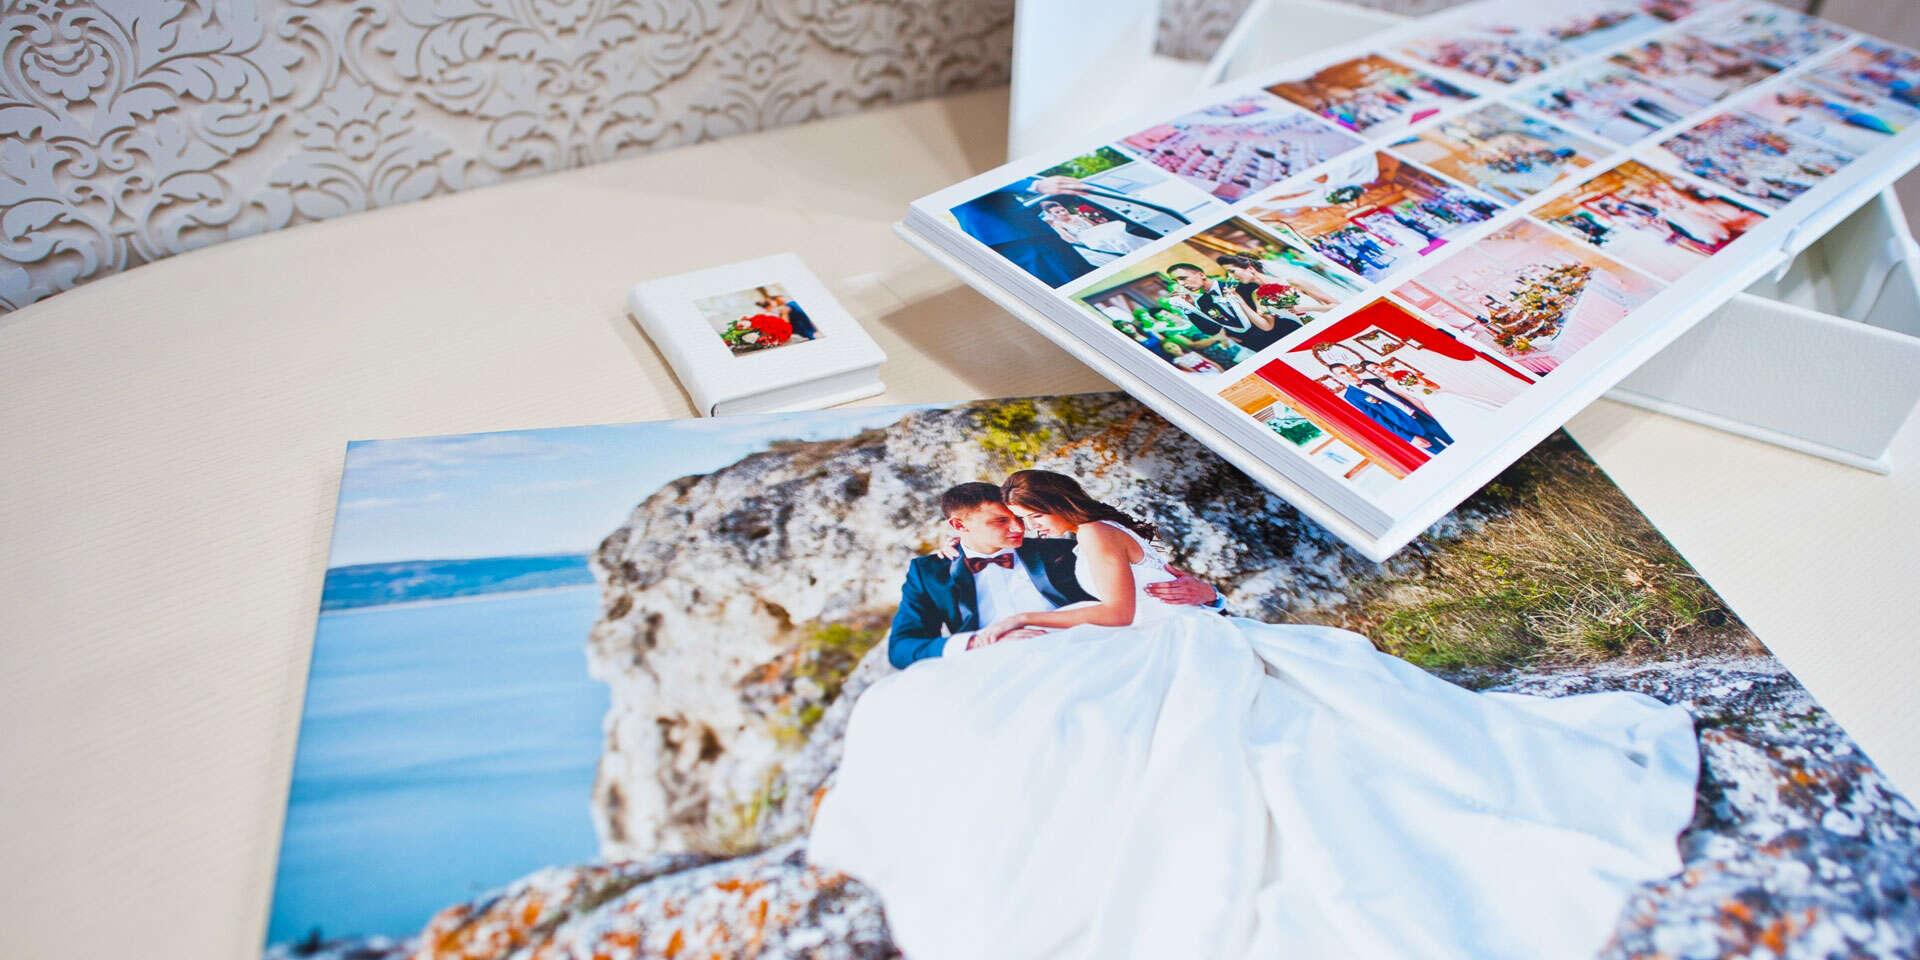 Krásny fotozošit plný vašich spomienok od Copy.sk